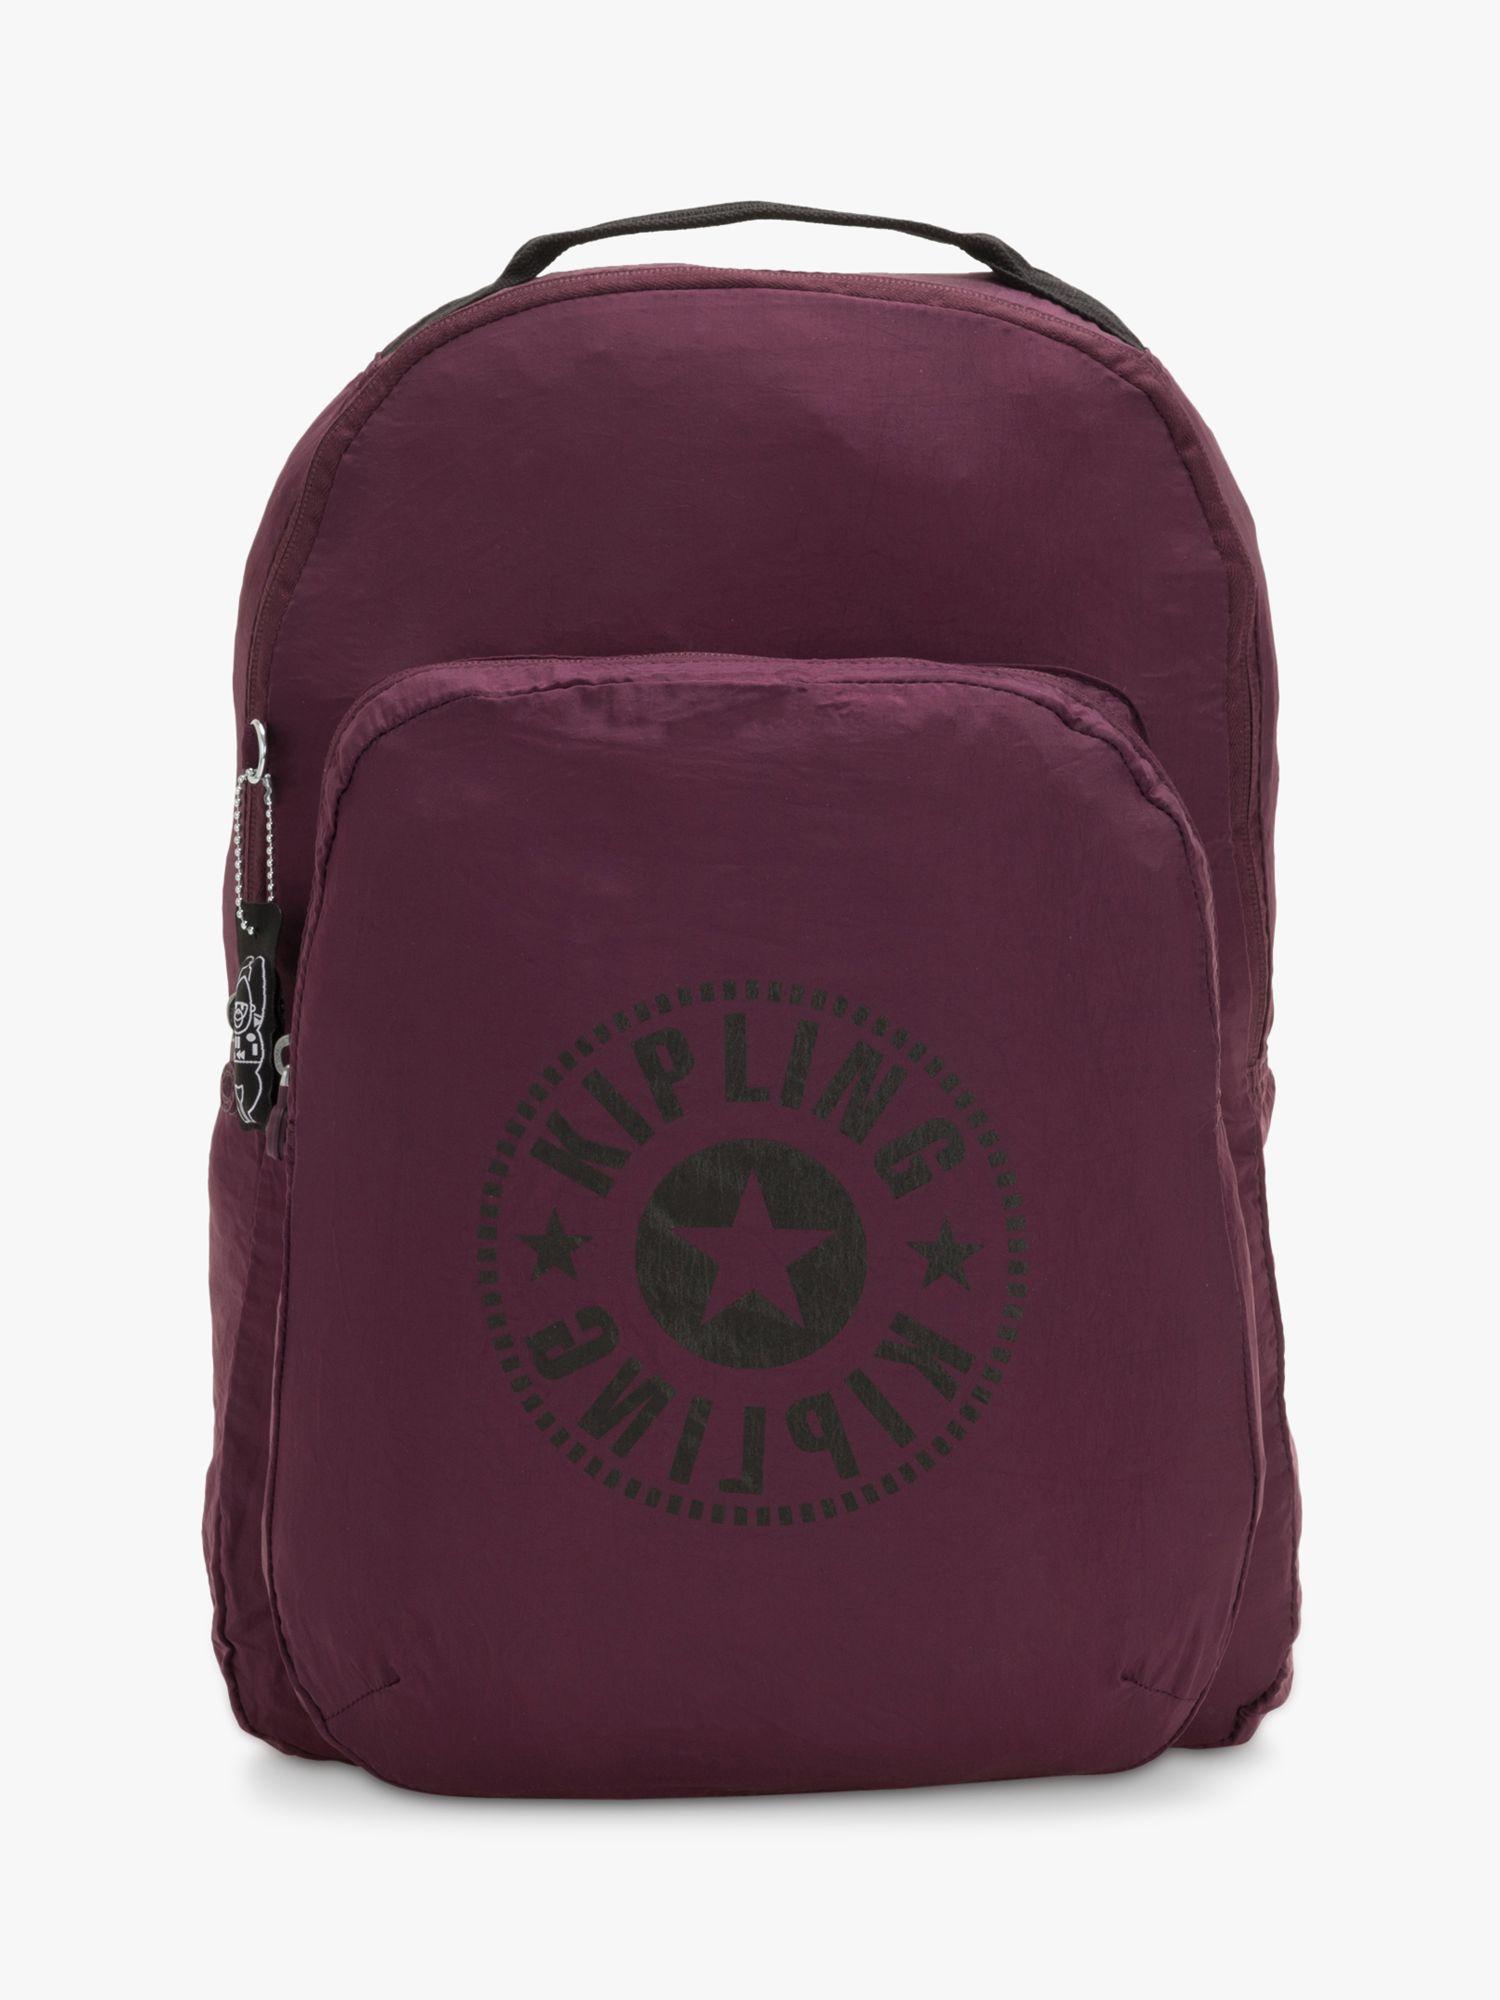 Kipling Kipling Seoul Packable Backpack